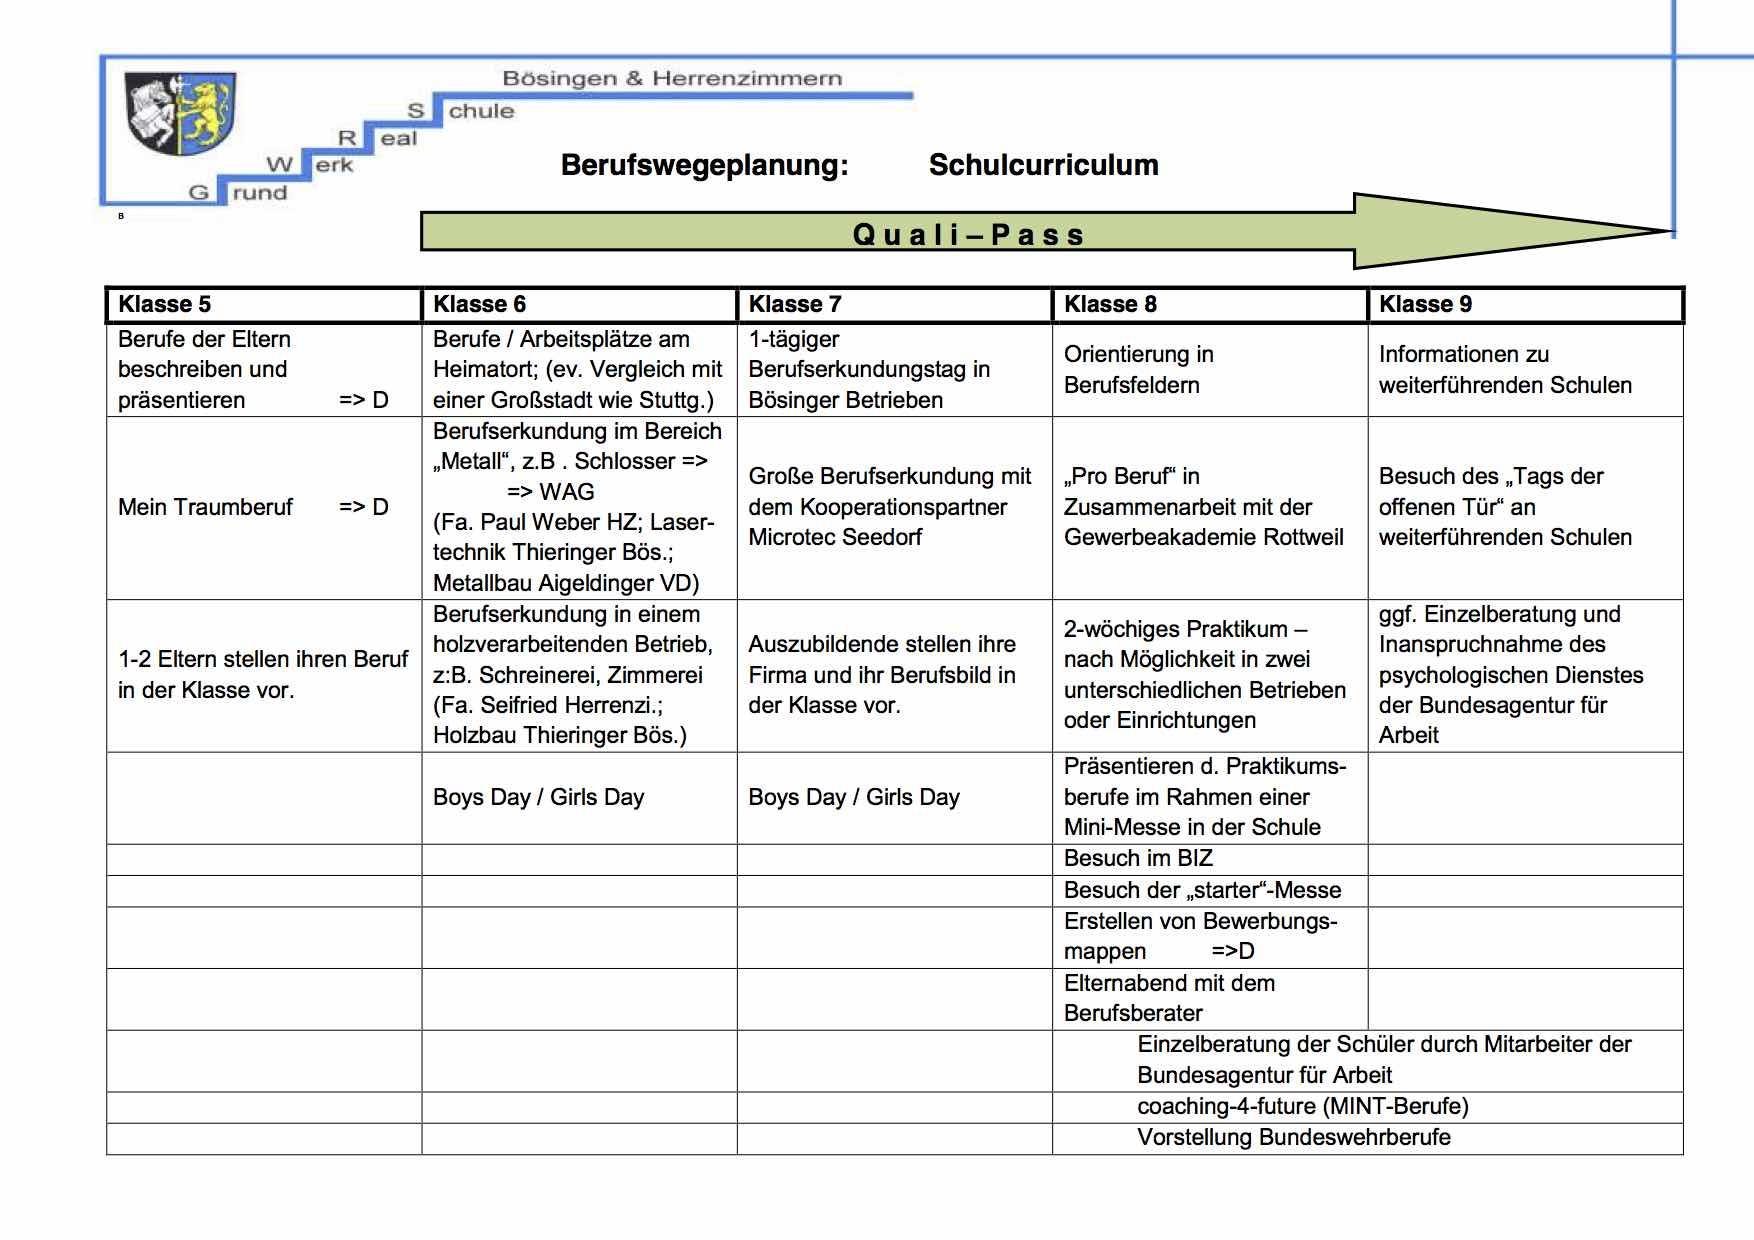 Berufswegeplanung_Schul-Curriculum Bös